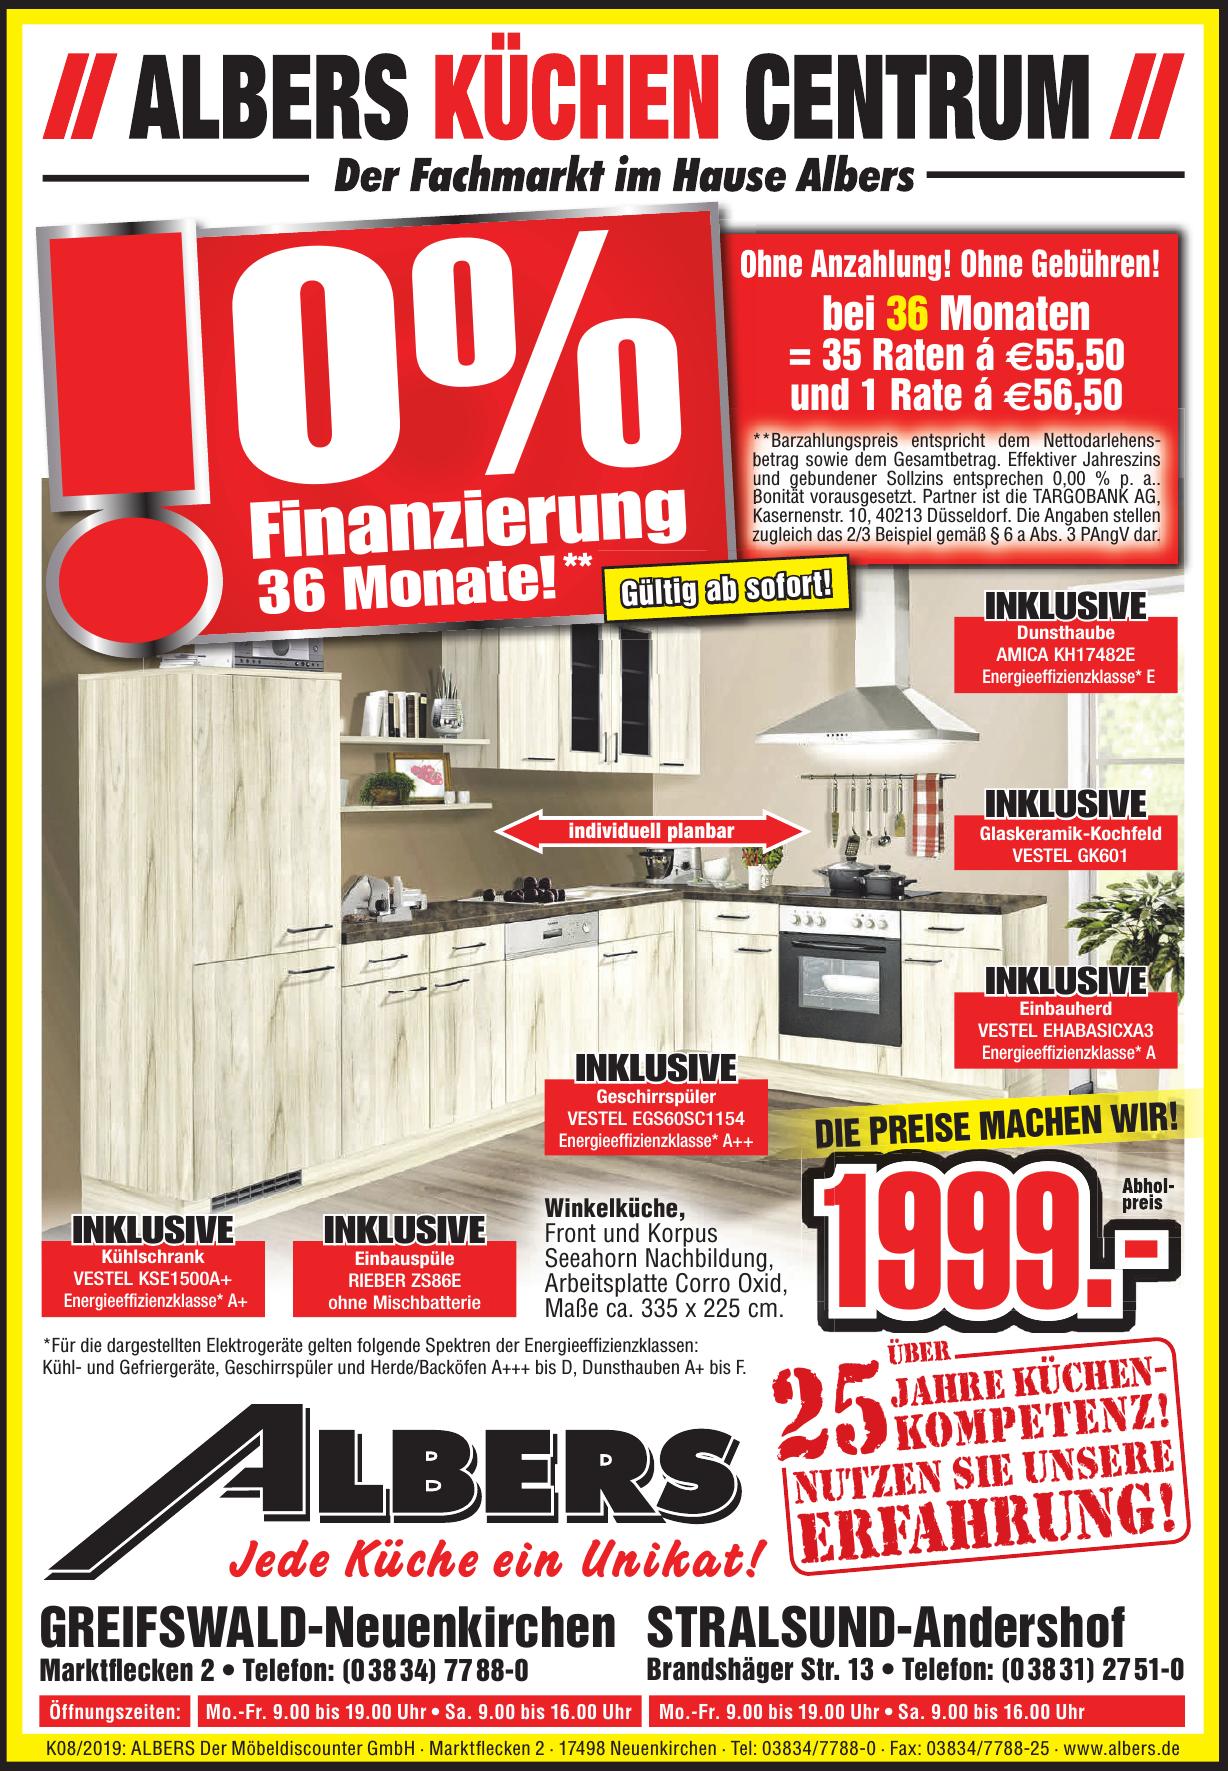 Moderne Küche im Voraus planen - Greifswald - Ostsee-Zeitung